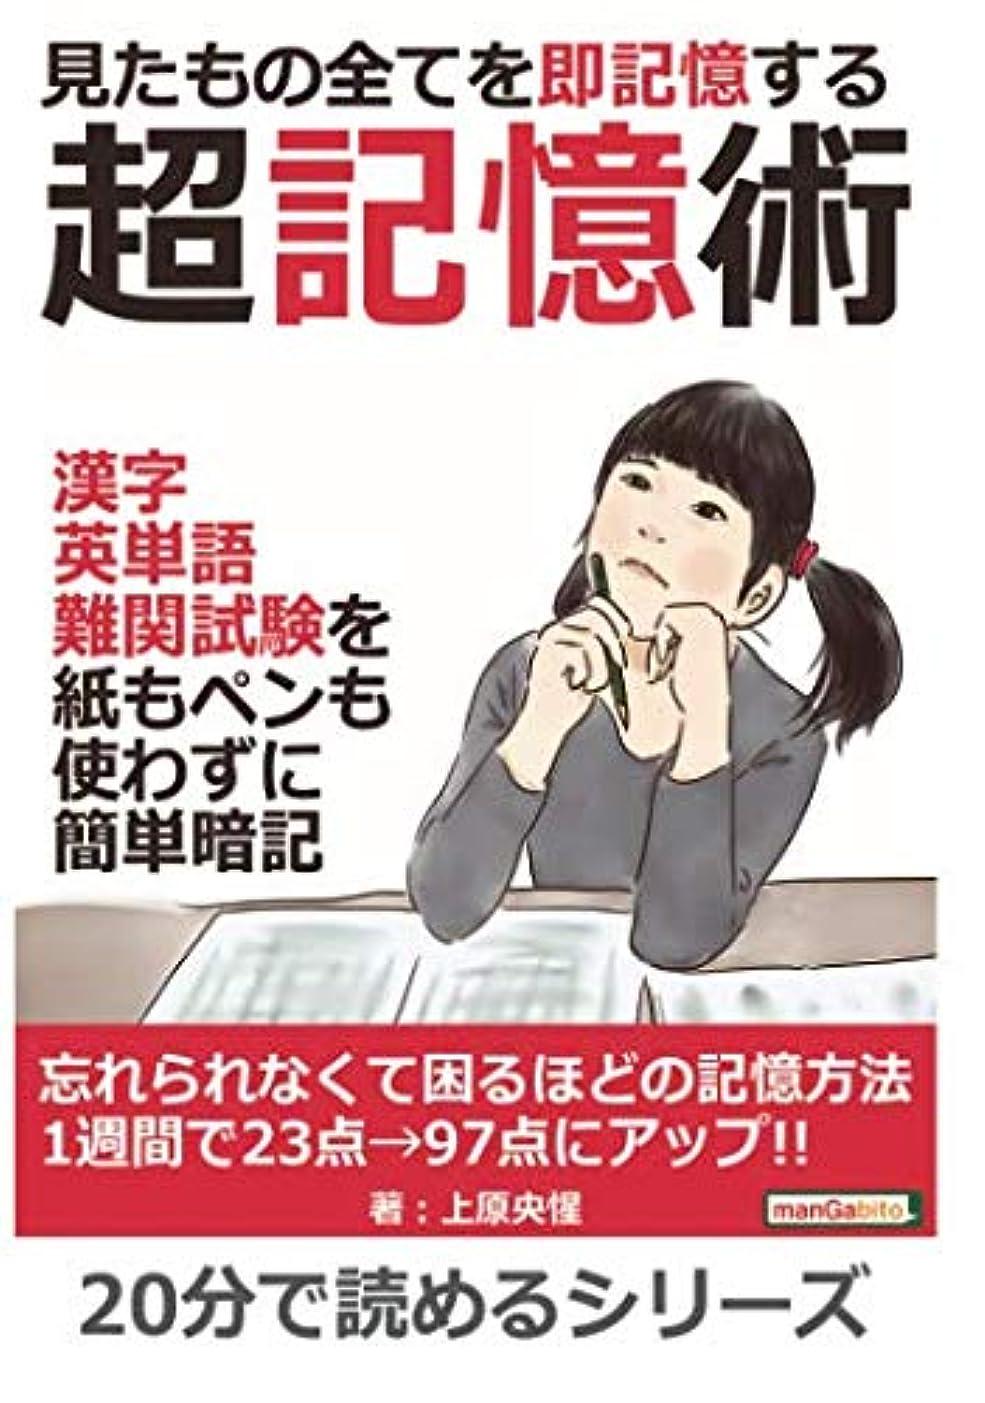 抗議耐えられない方言見たもの全てを即記憶する超記憶術。漢字、英単語、難関試験を紙もペンも使わずに簡単暗記。 (20分で読めるシリーズ)